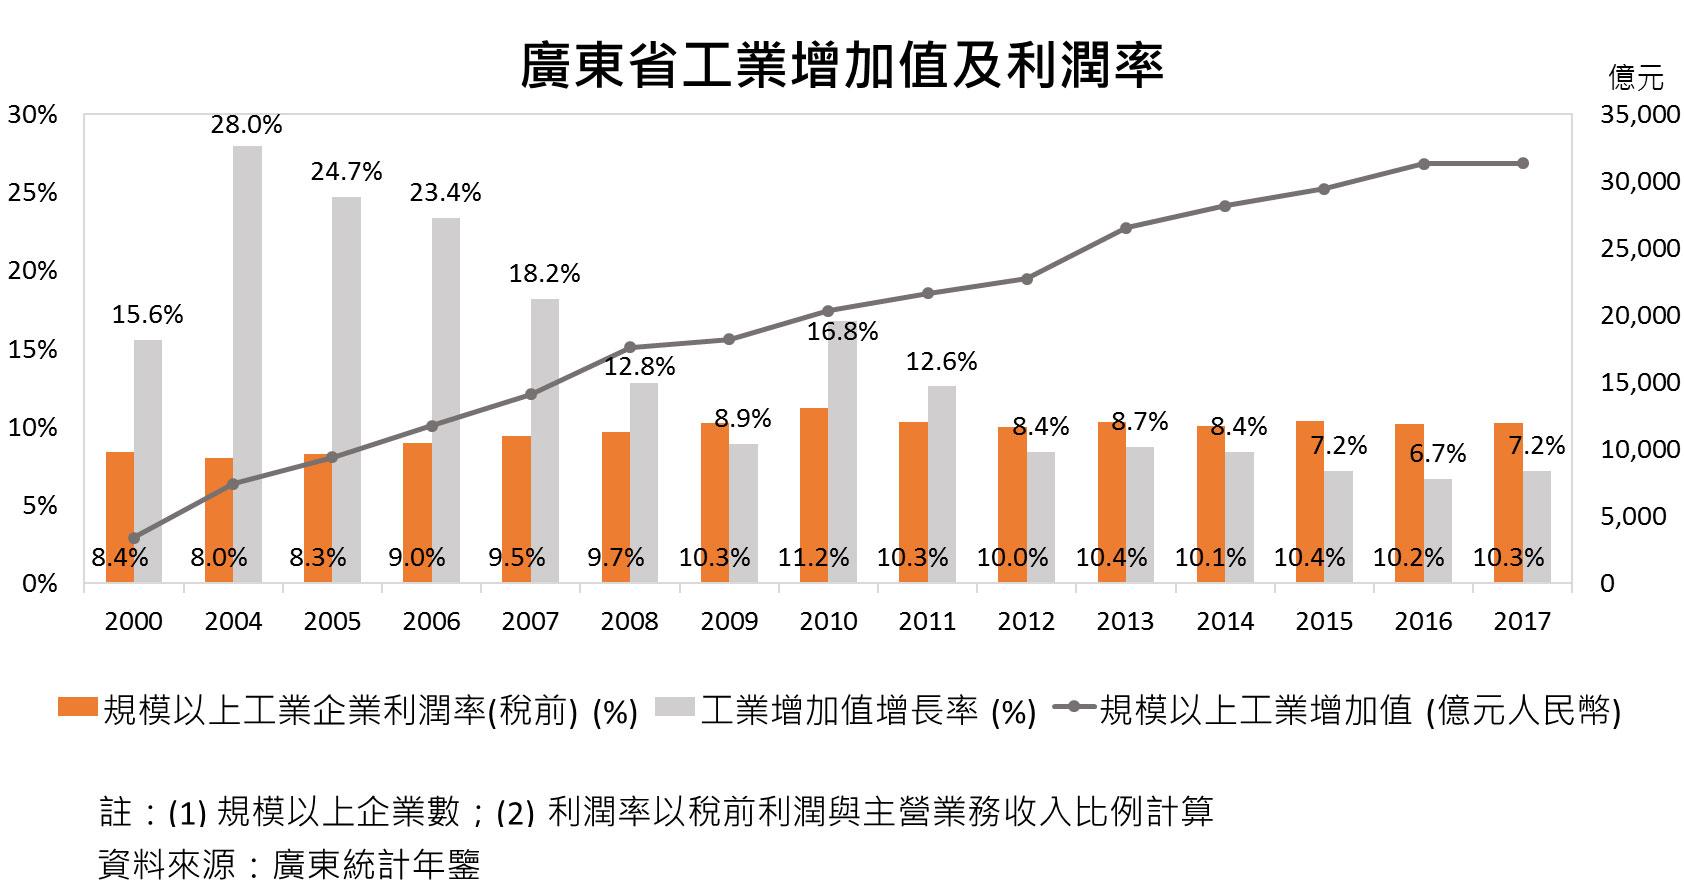 图:广东省工业增加值及利润率